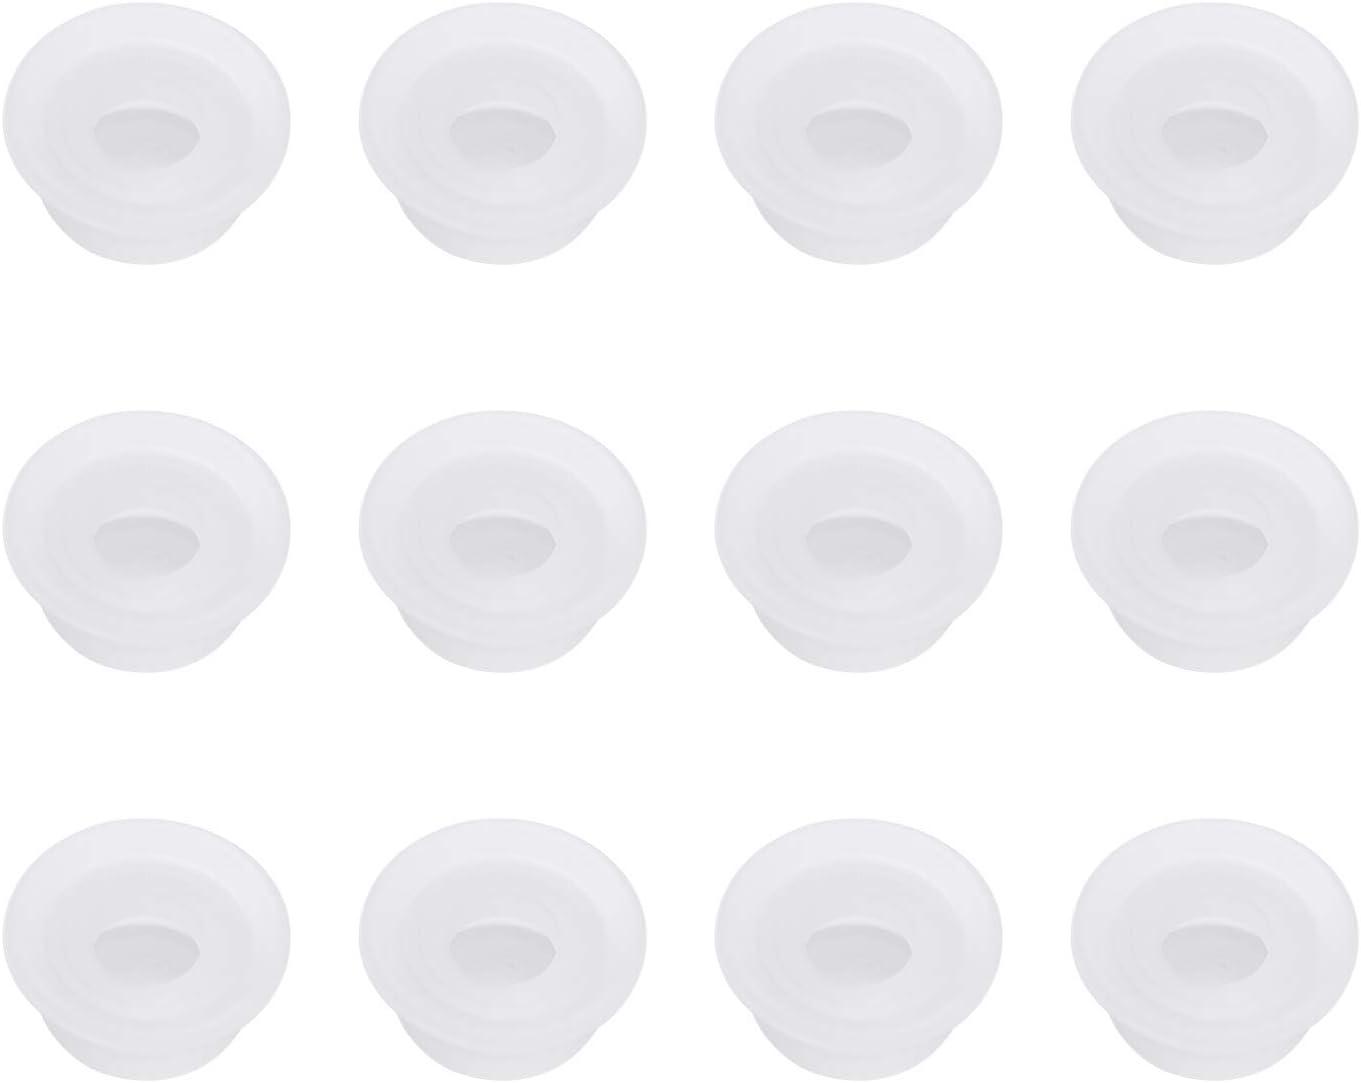 12 Pcs Instapot Replacement Float Valve Gaskets - Float Valve Sealer for Instant Pot Duo 3, 5, 6, 8 Qt, Duo Plus, Ultra, LUX 3, 8 Qt, Float Sealing Caps Float Valve Silicone Caps